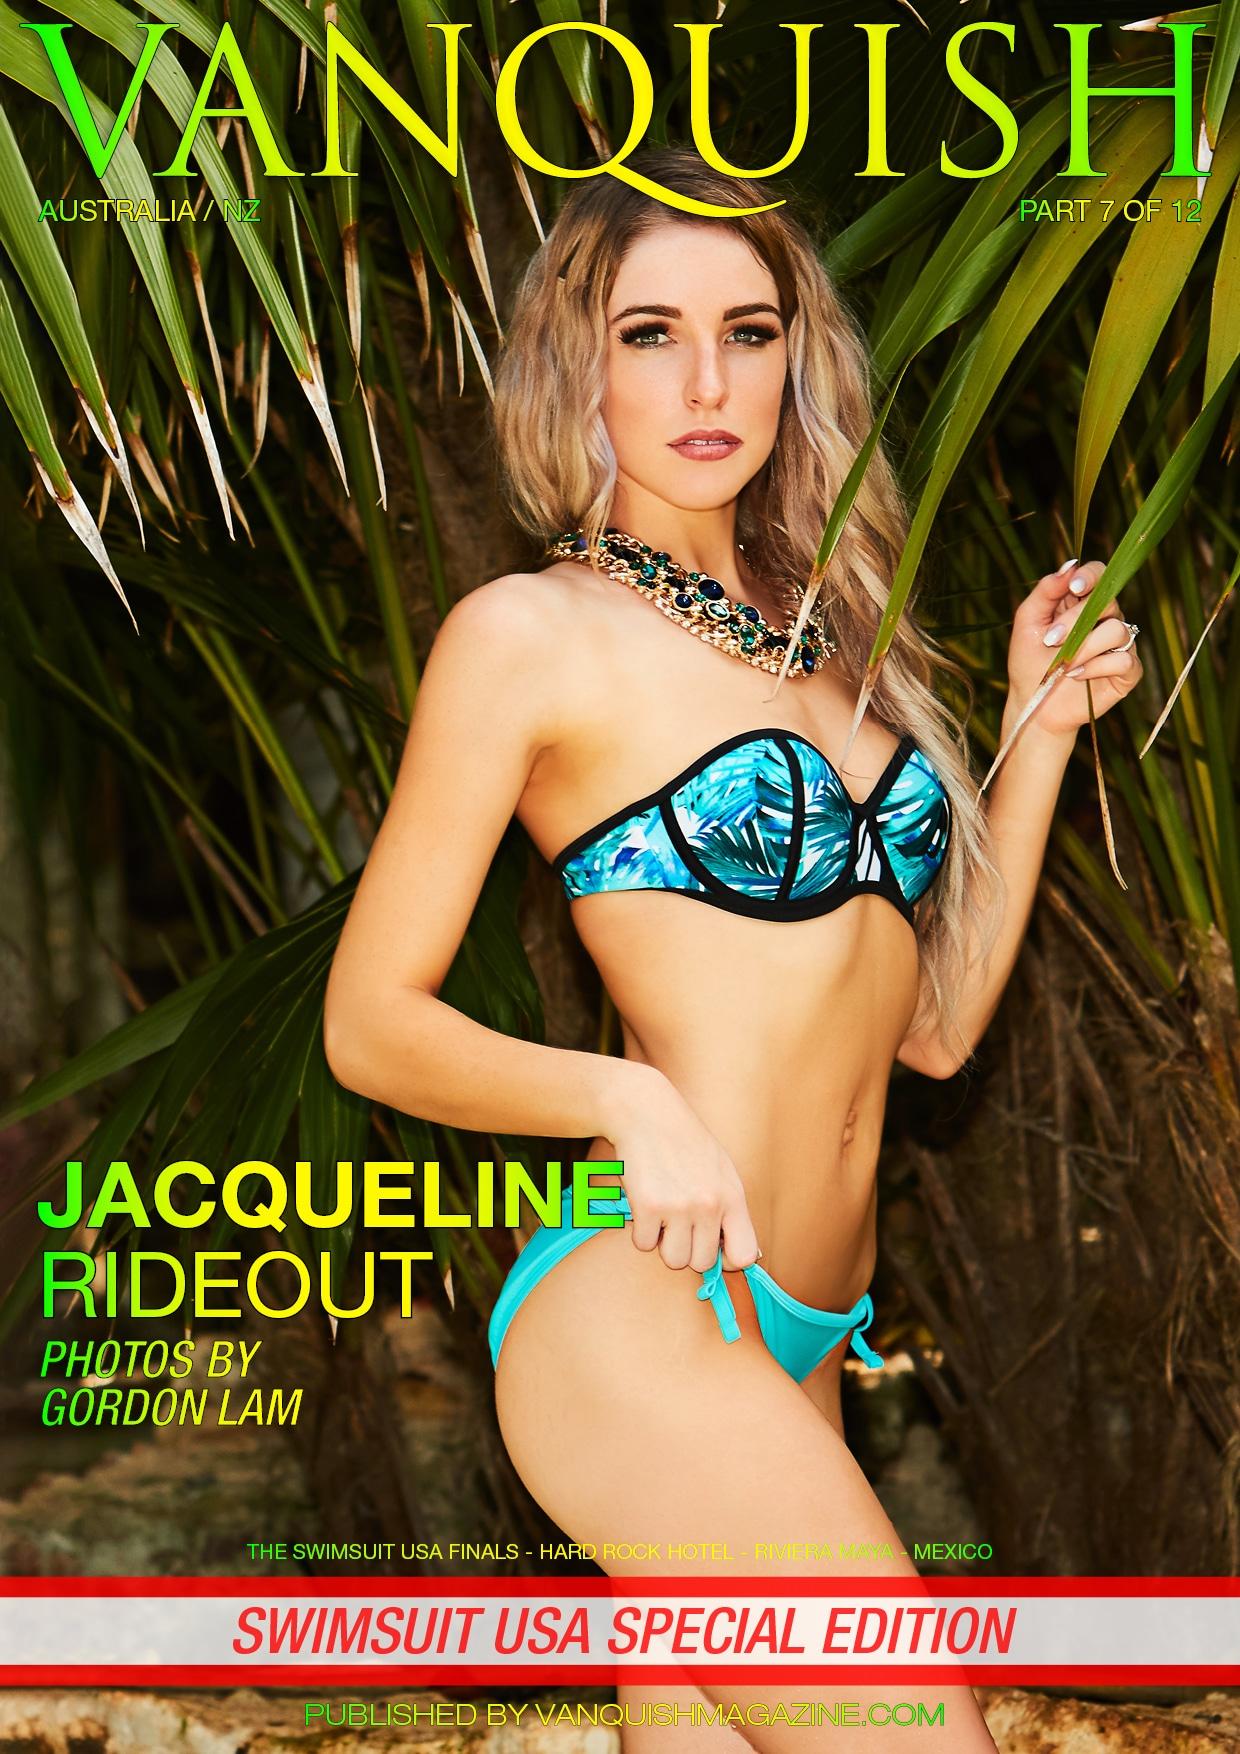 Vanquish Magazine - Swimsuit USA 2018 - Part 7 - Jacqueline Rideout 1